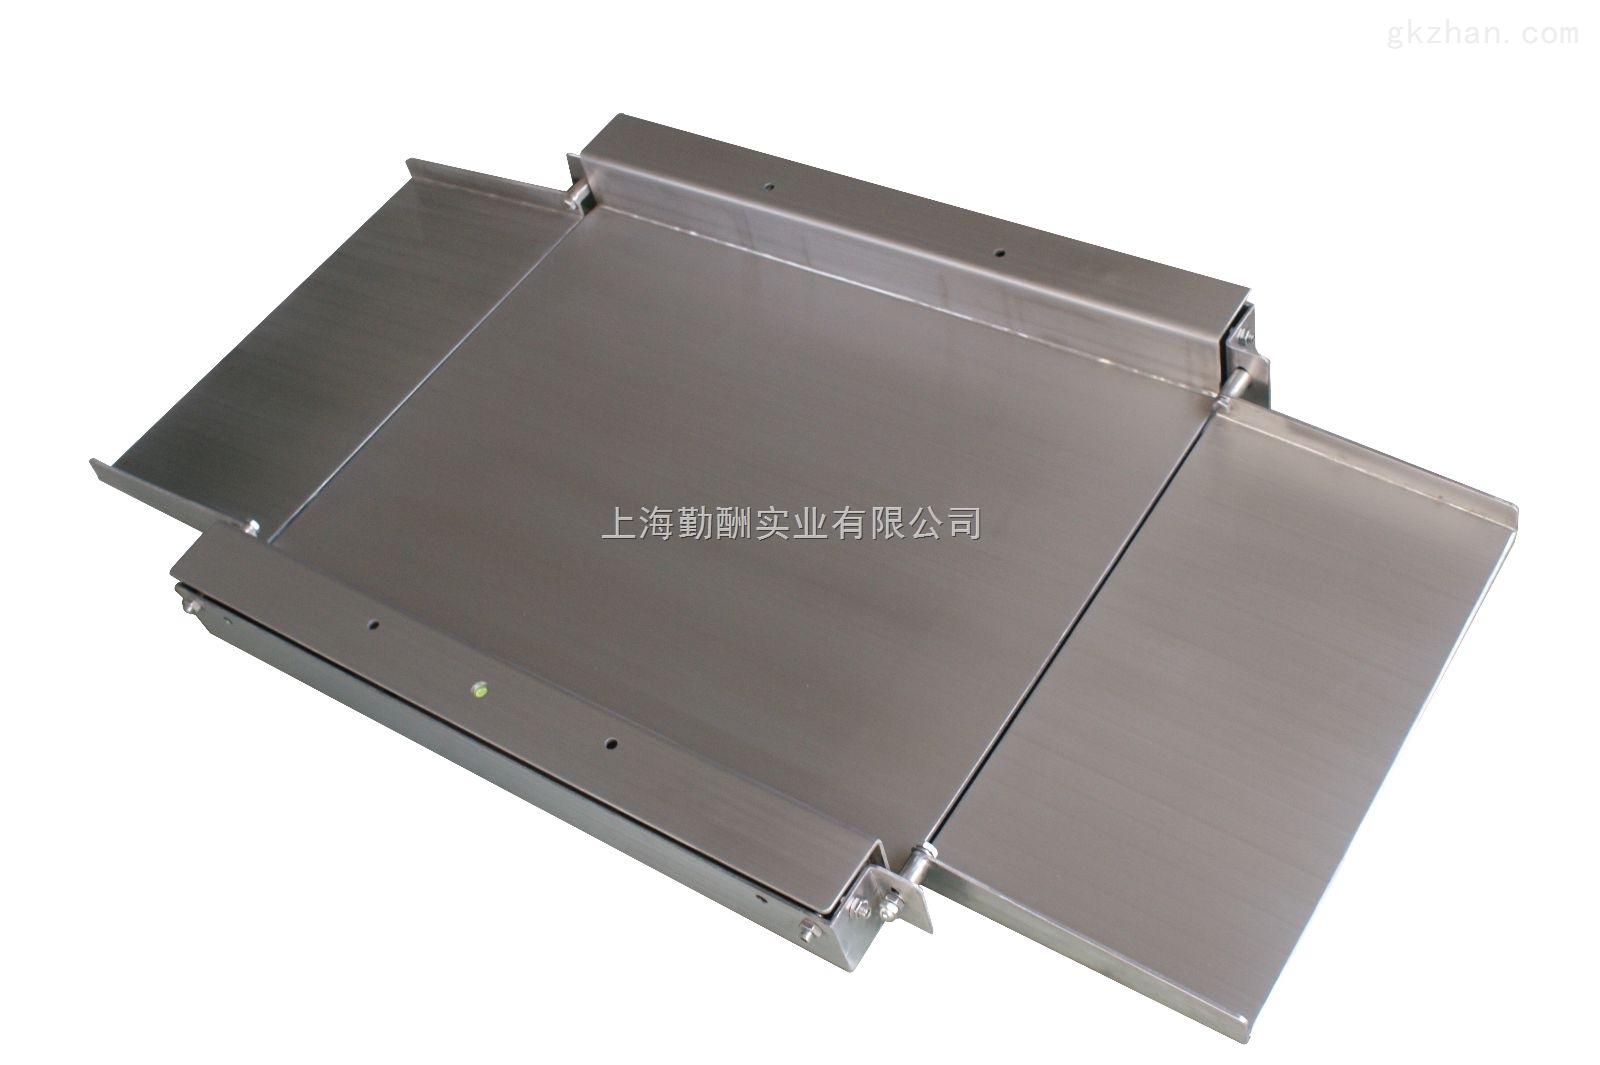 不锈钢超低双层平台秤、带引坡地磅秤